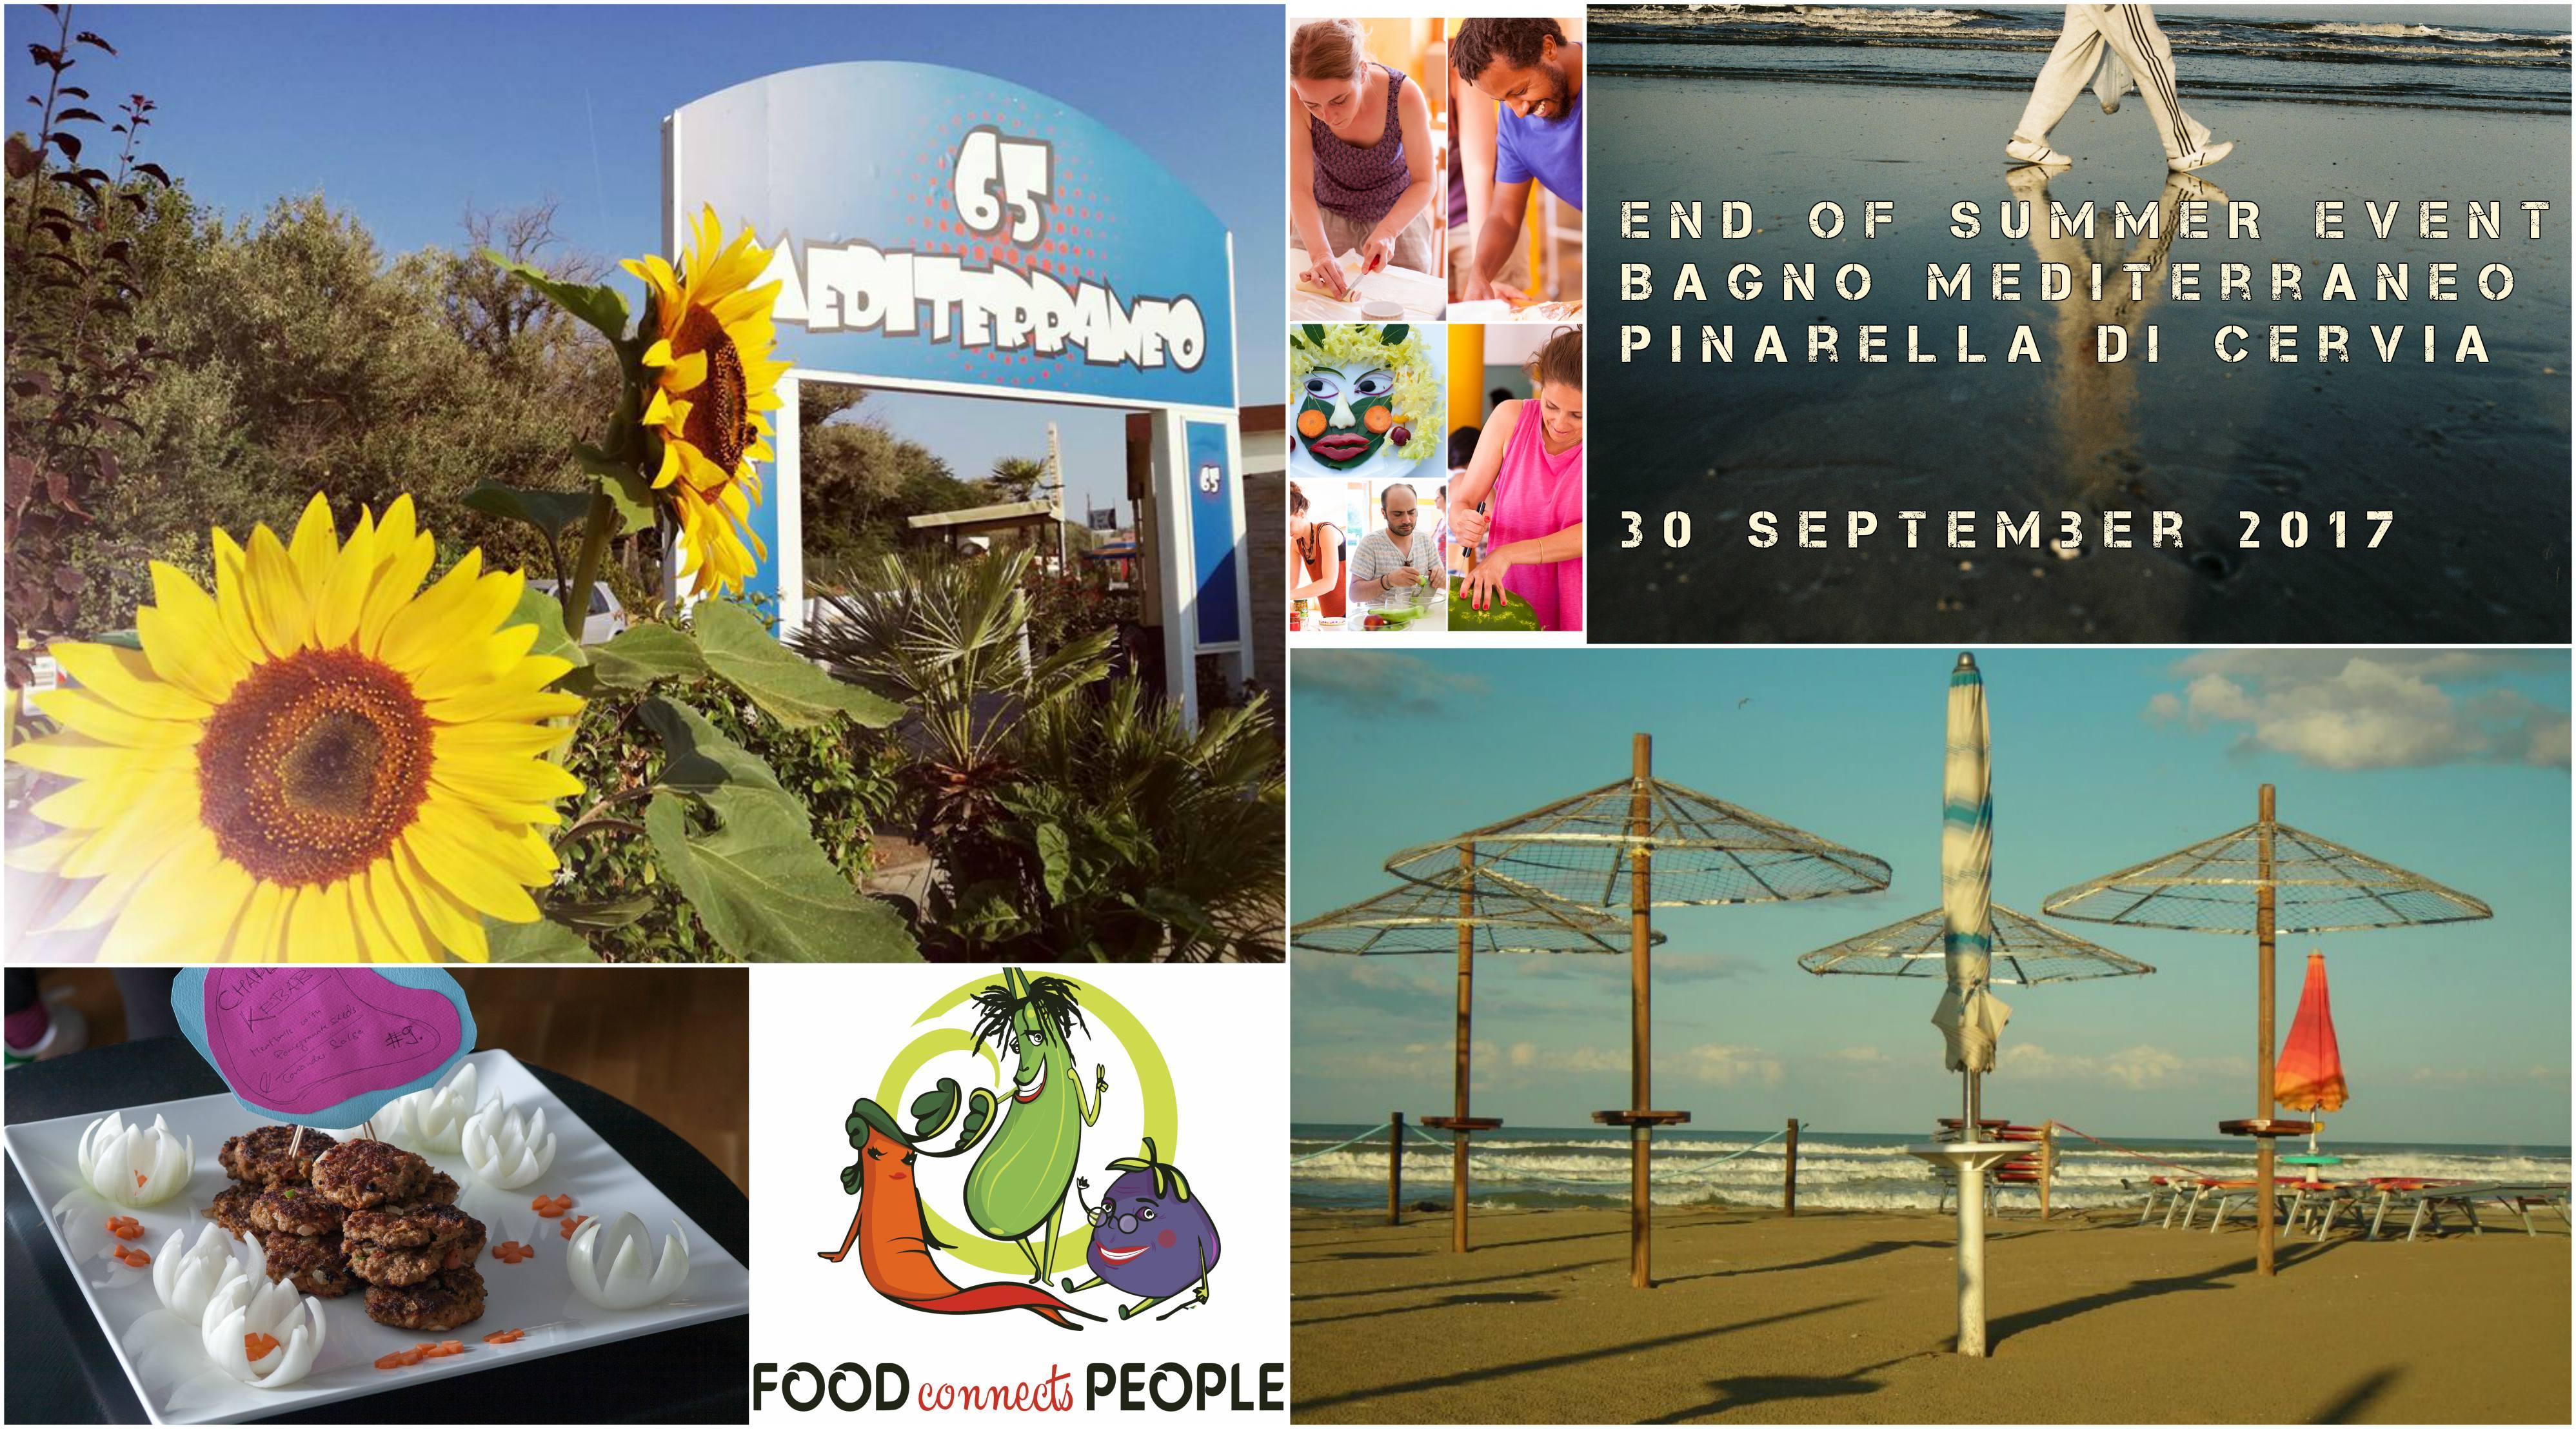 Bagno Mediterraneo Pinarella : Ritrovo di fine estate al bagno mediterraneo di pinarella u2013 food